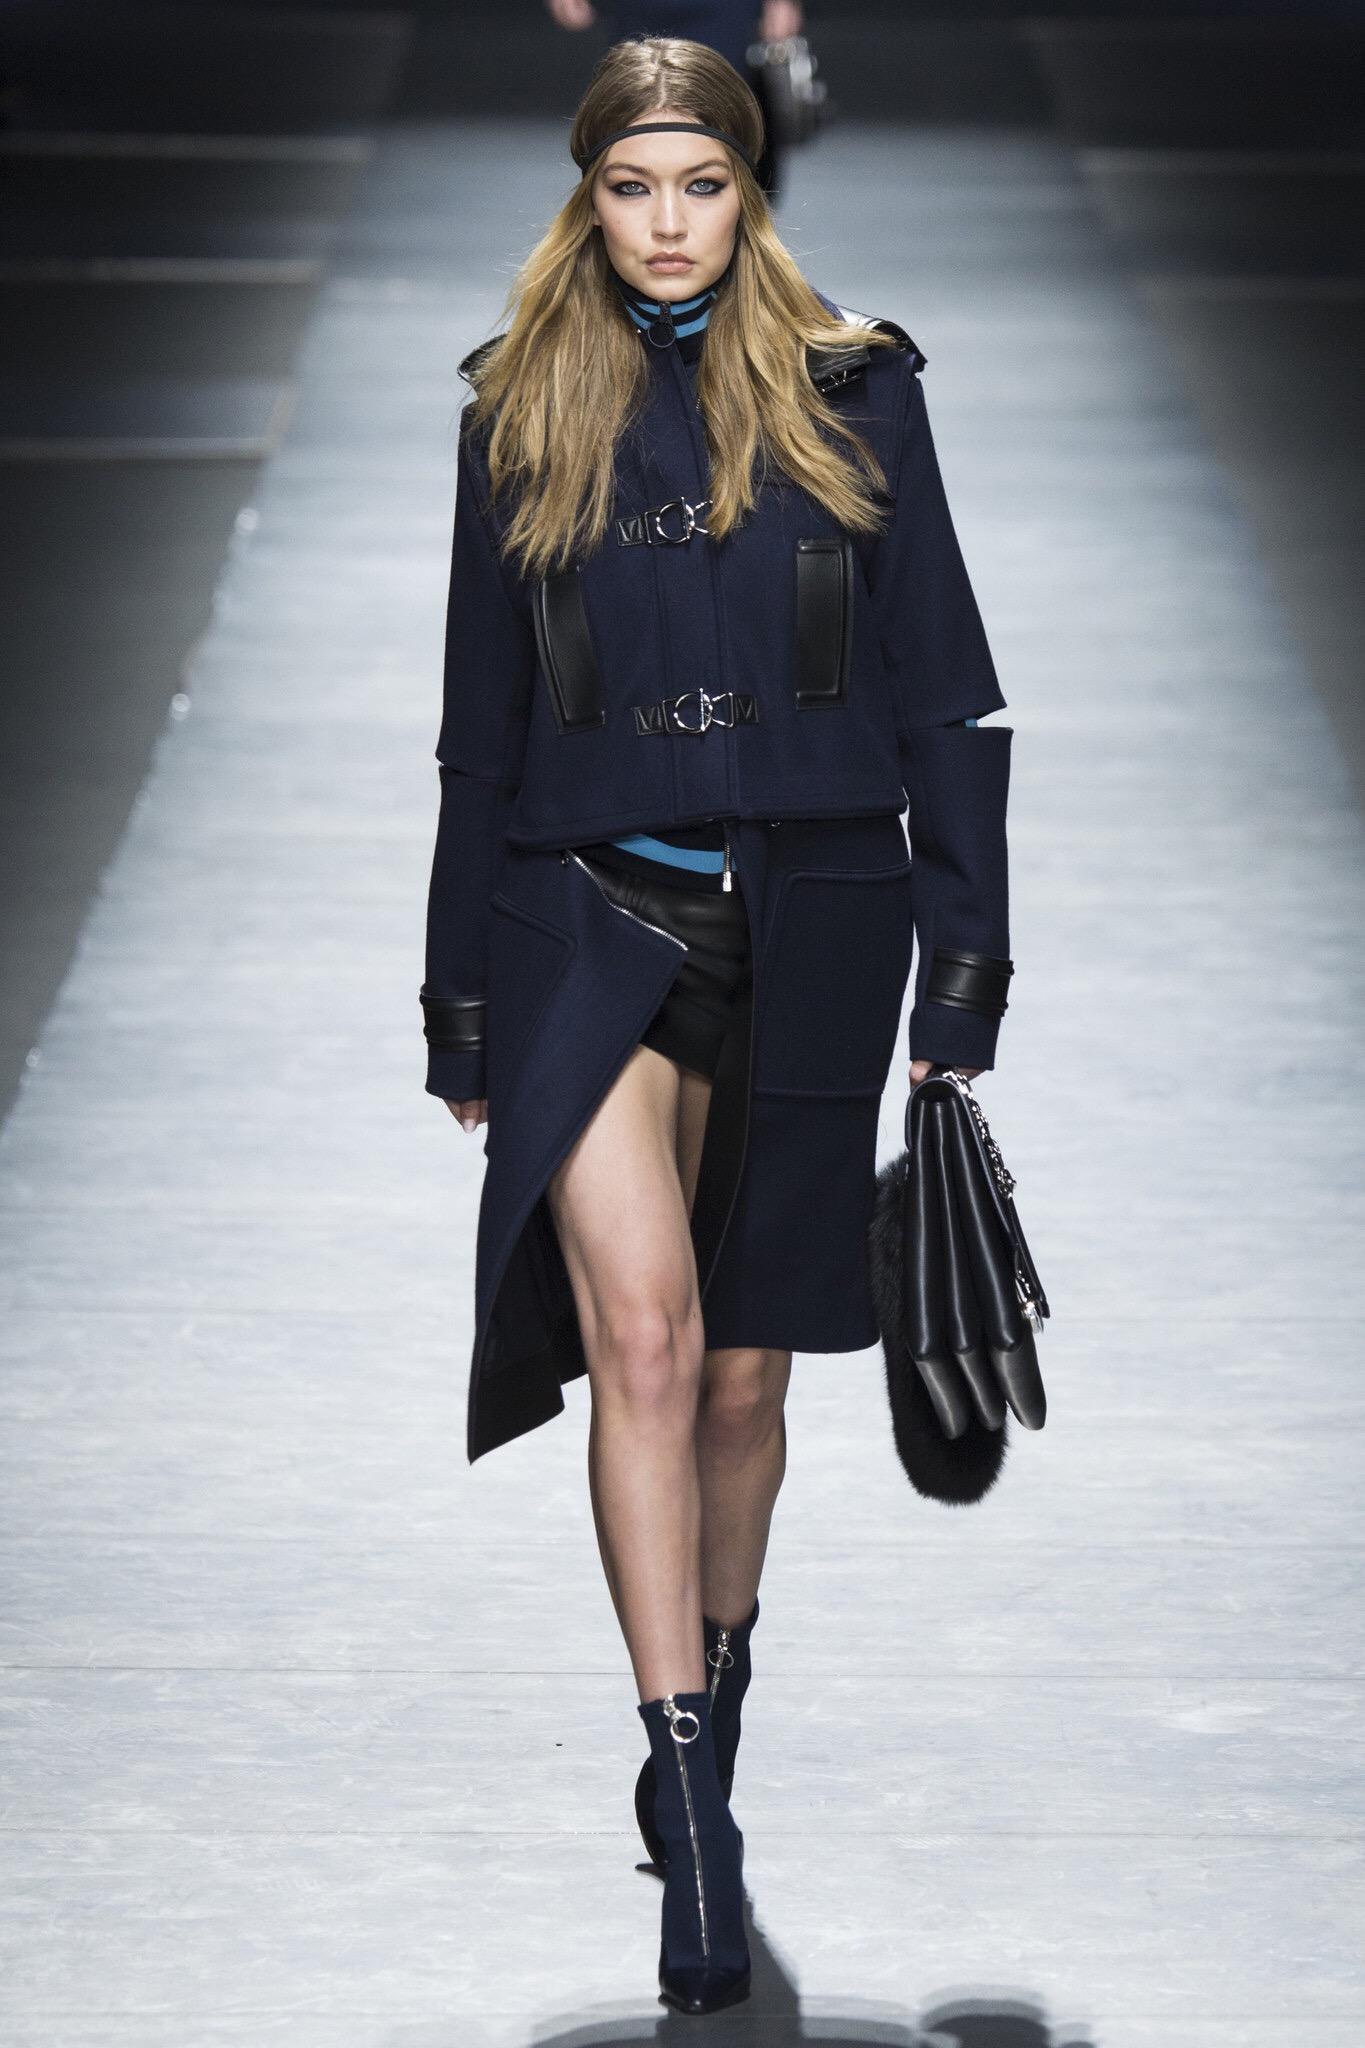 Versace FALL 2016 Milan Fashion Week